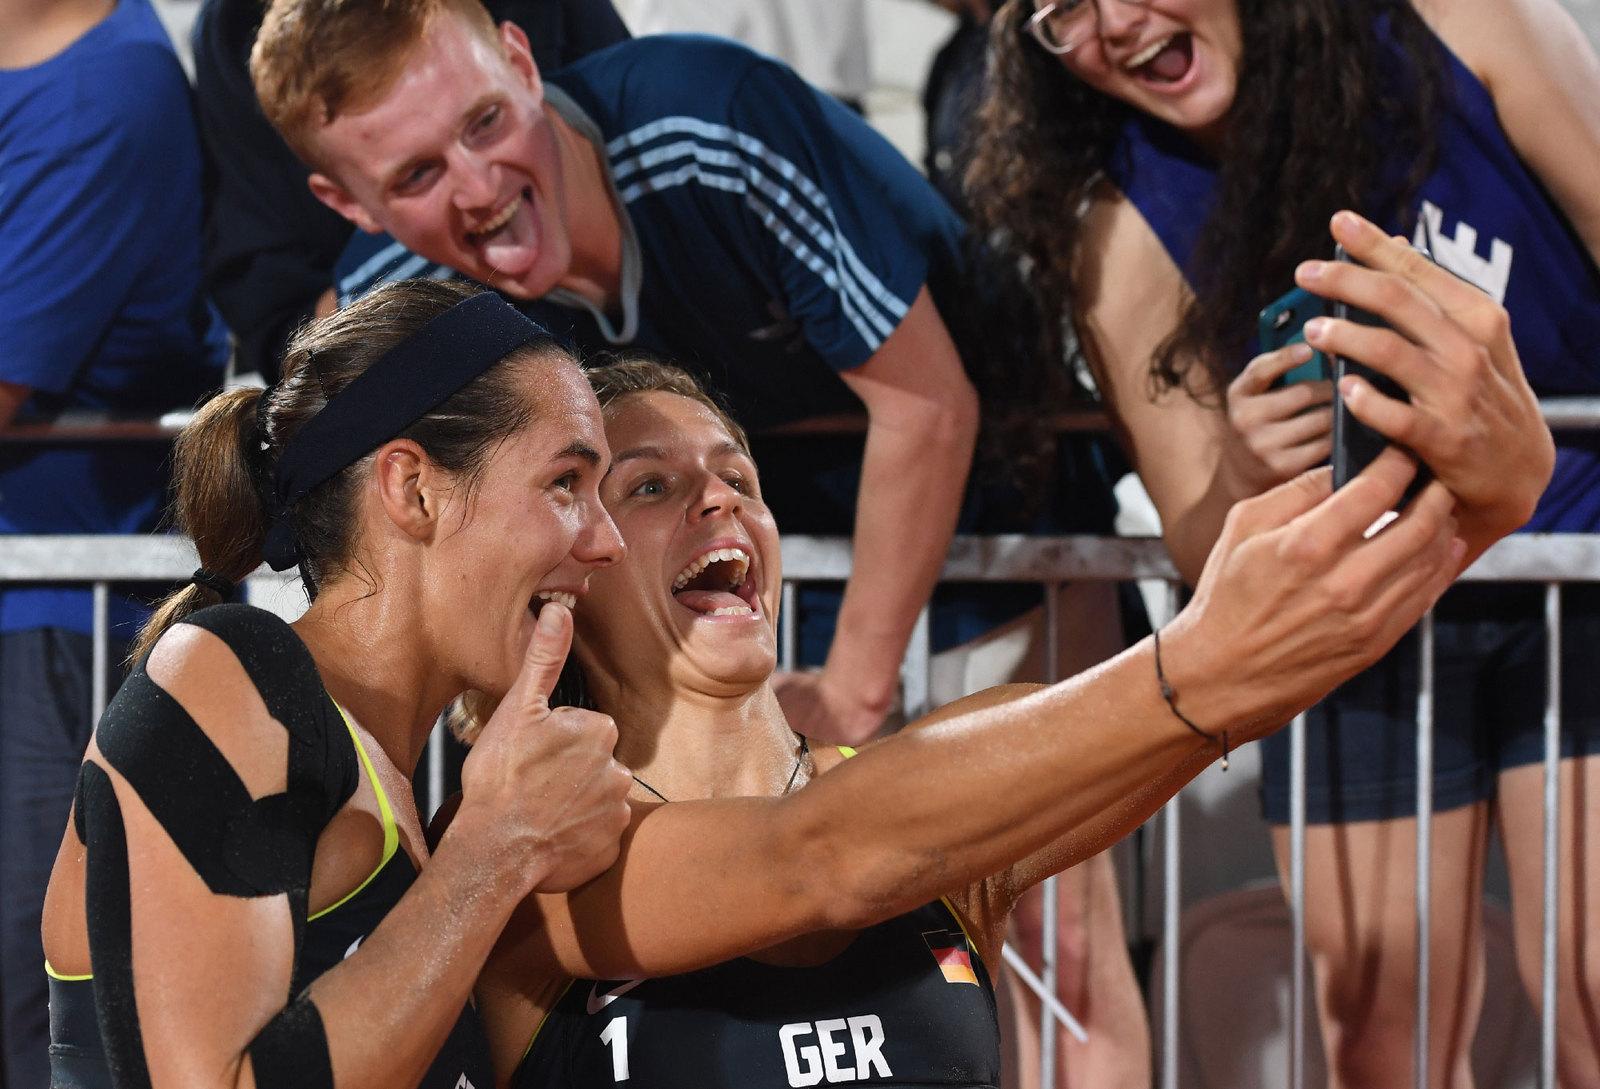 Пляжные волейболистки из Германии делают селфи с болельщиками после победного матча